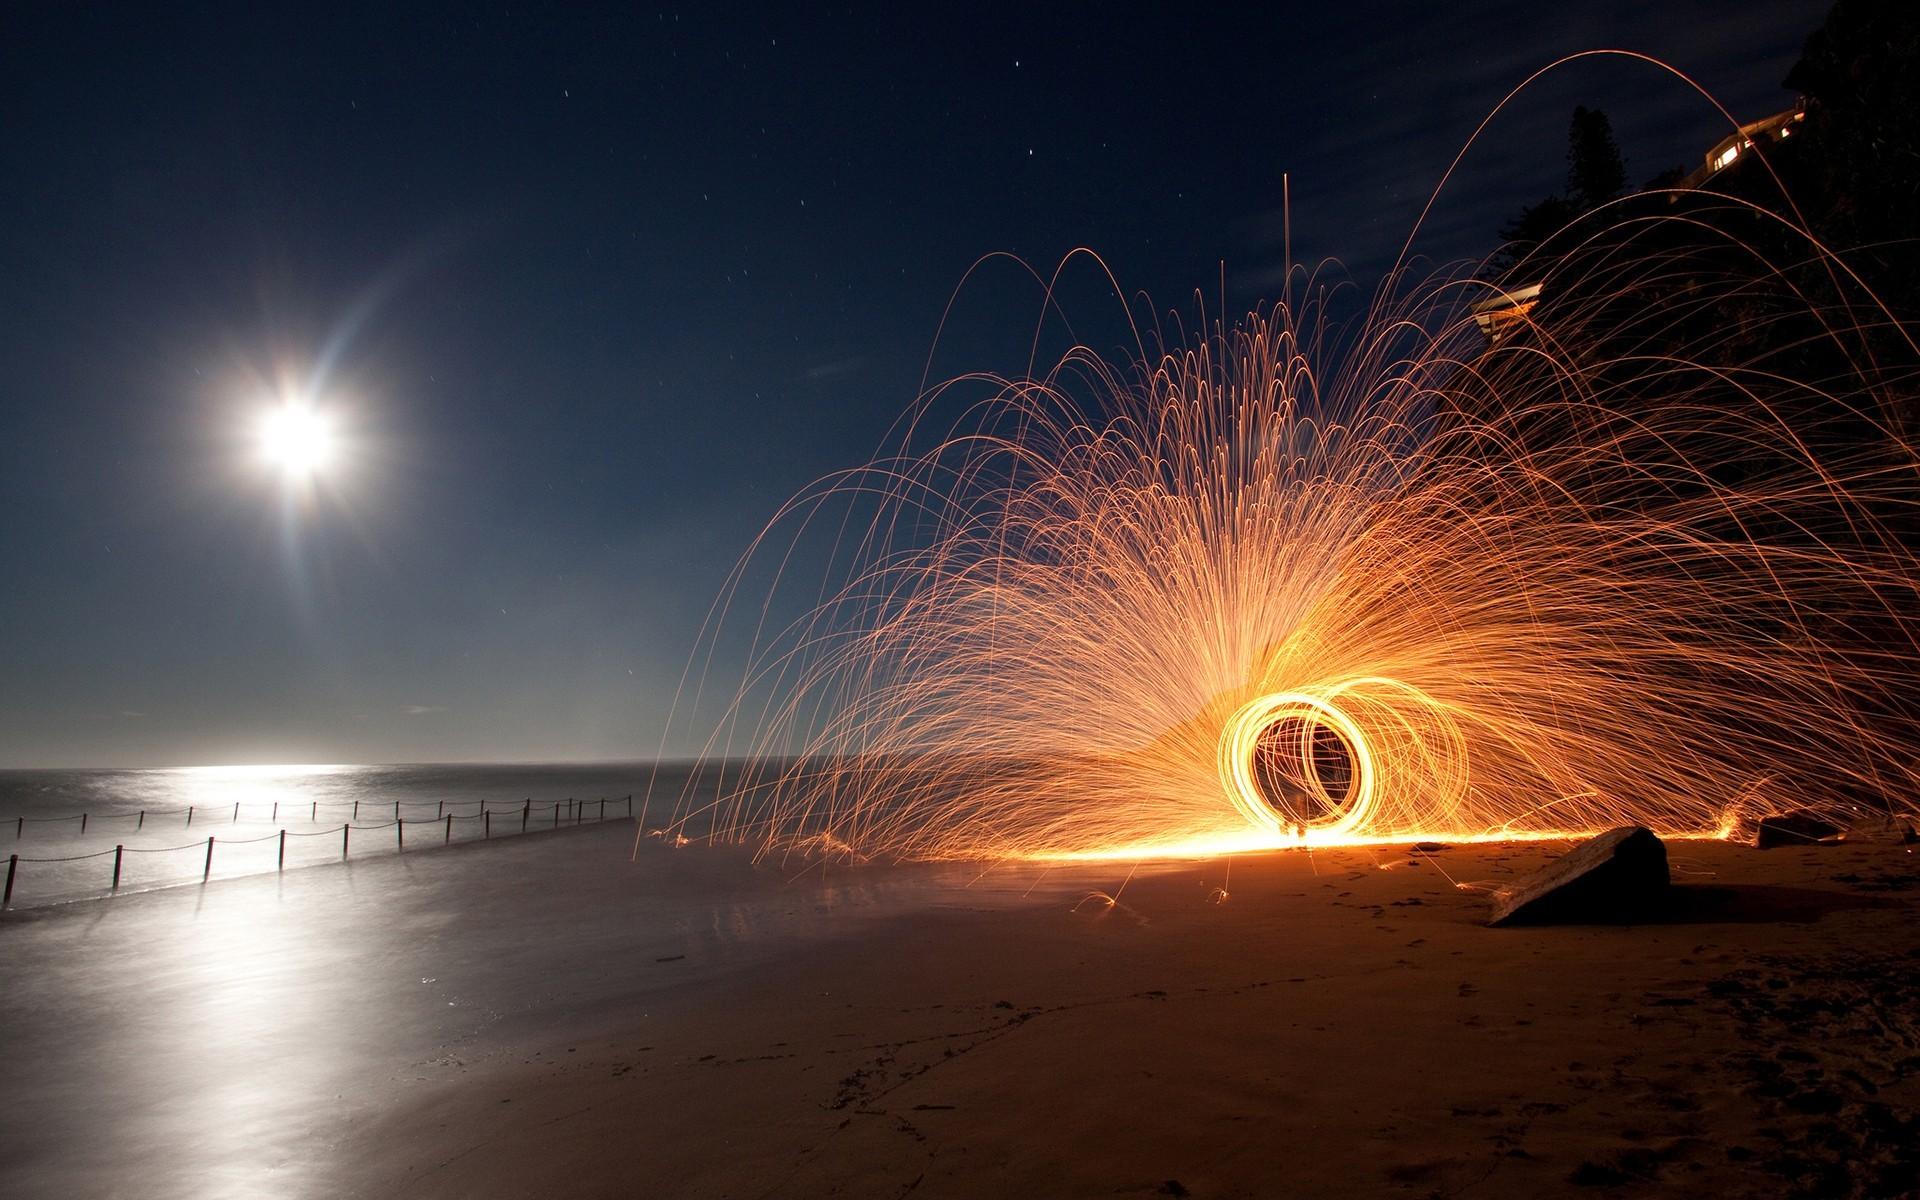 картинки моря и огней